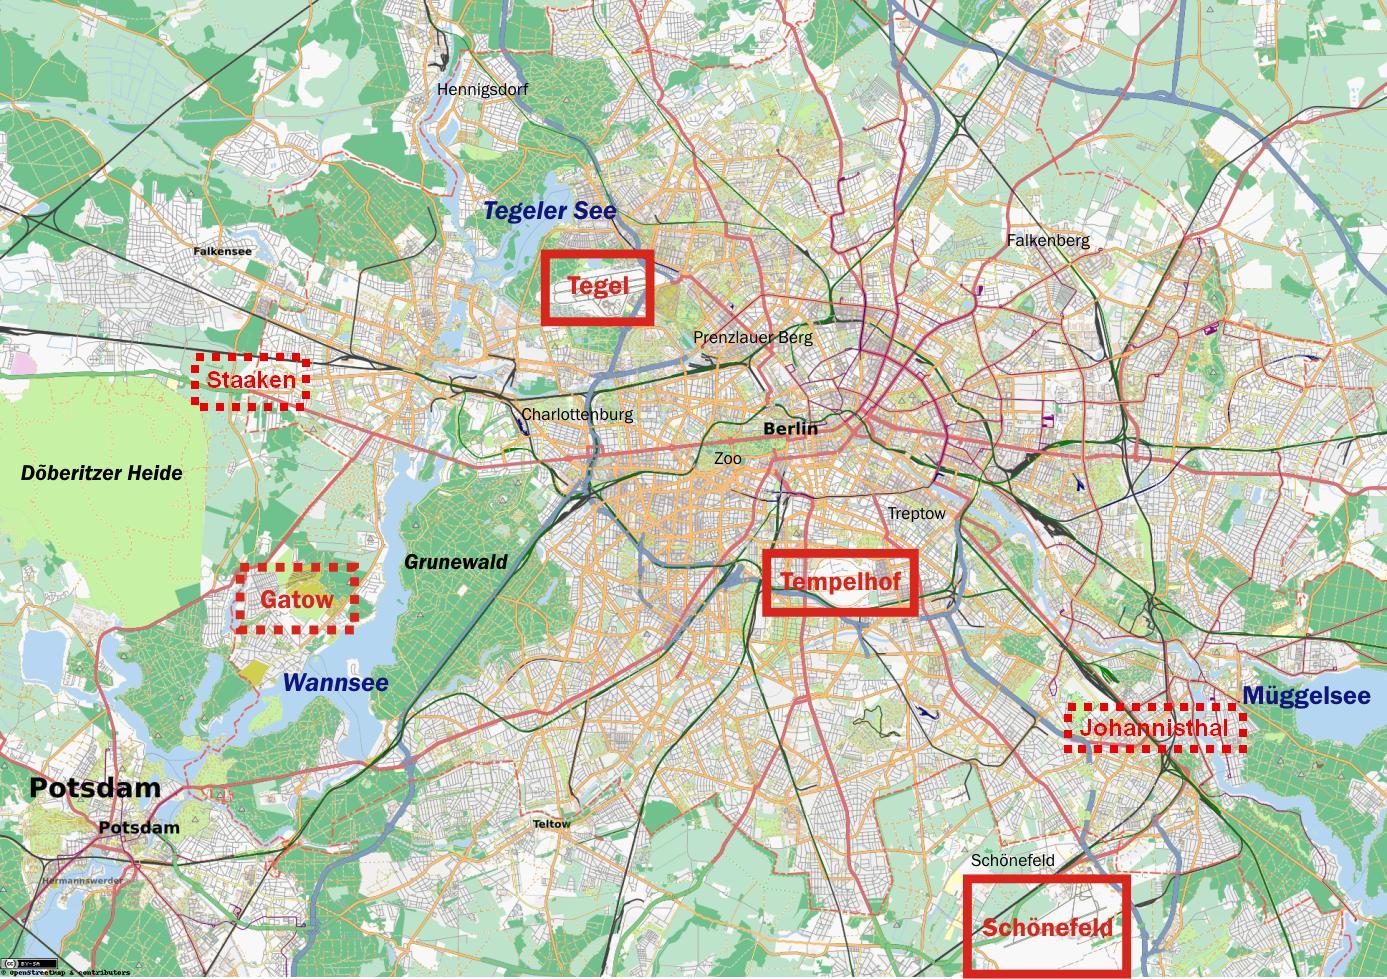 Aeroporti In Germania Cartina.Mappa Di Berlino Risultati Aeroporti Mappa Degli Aeroporti Di Berlino Germania